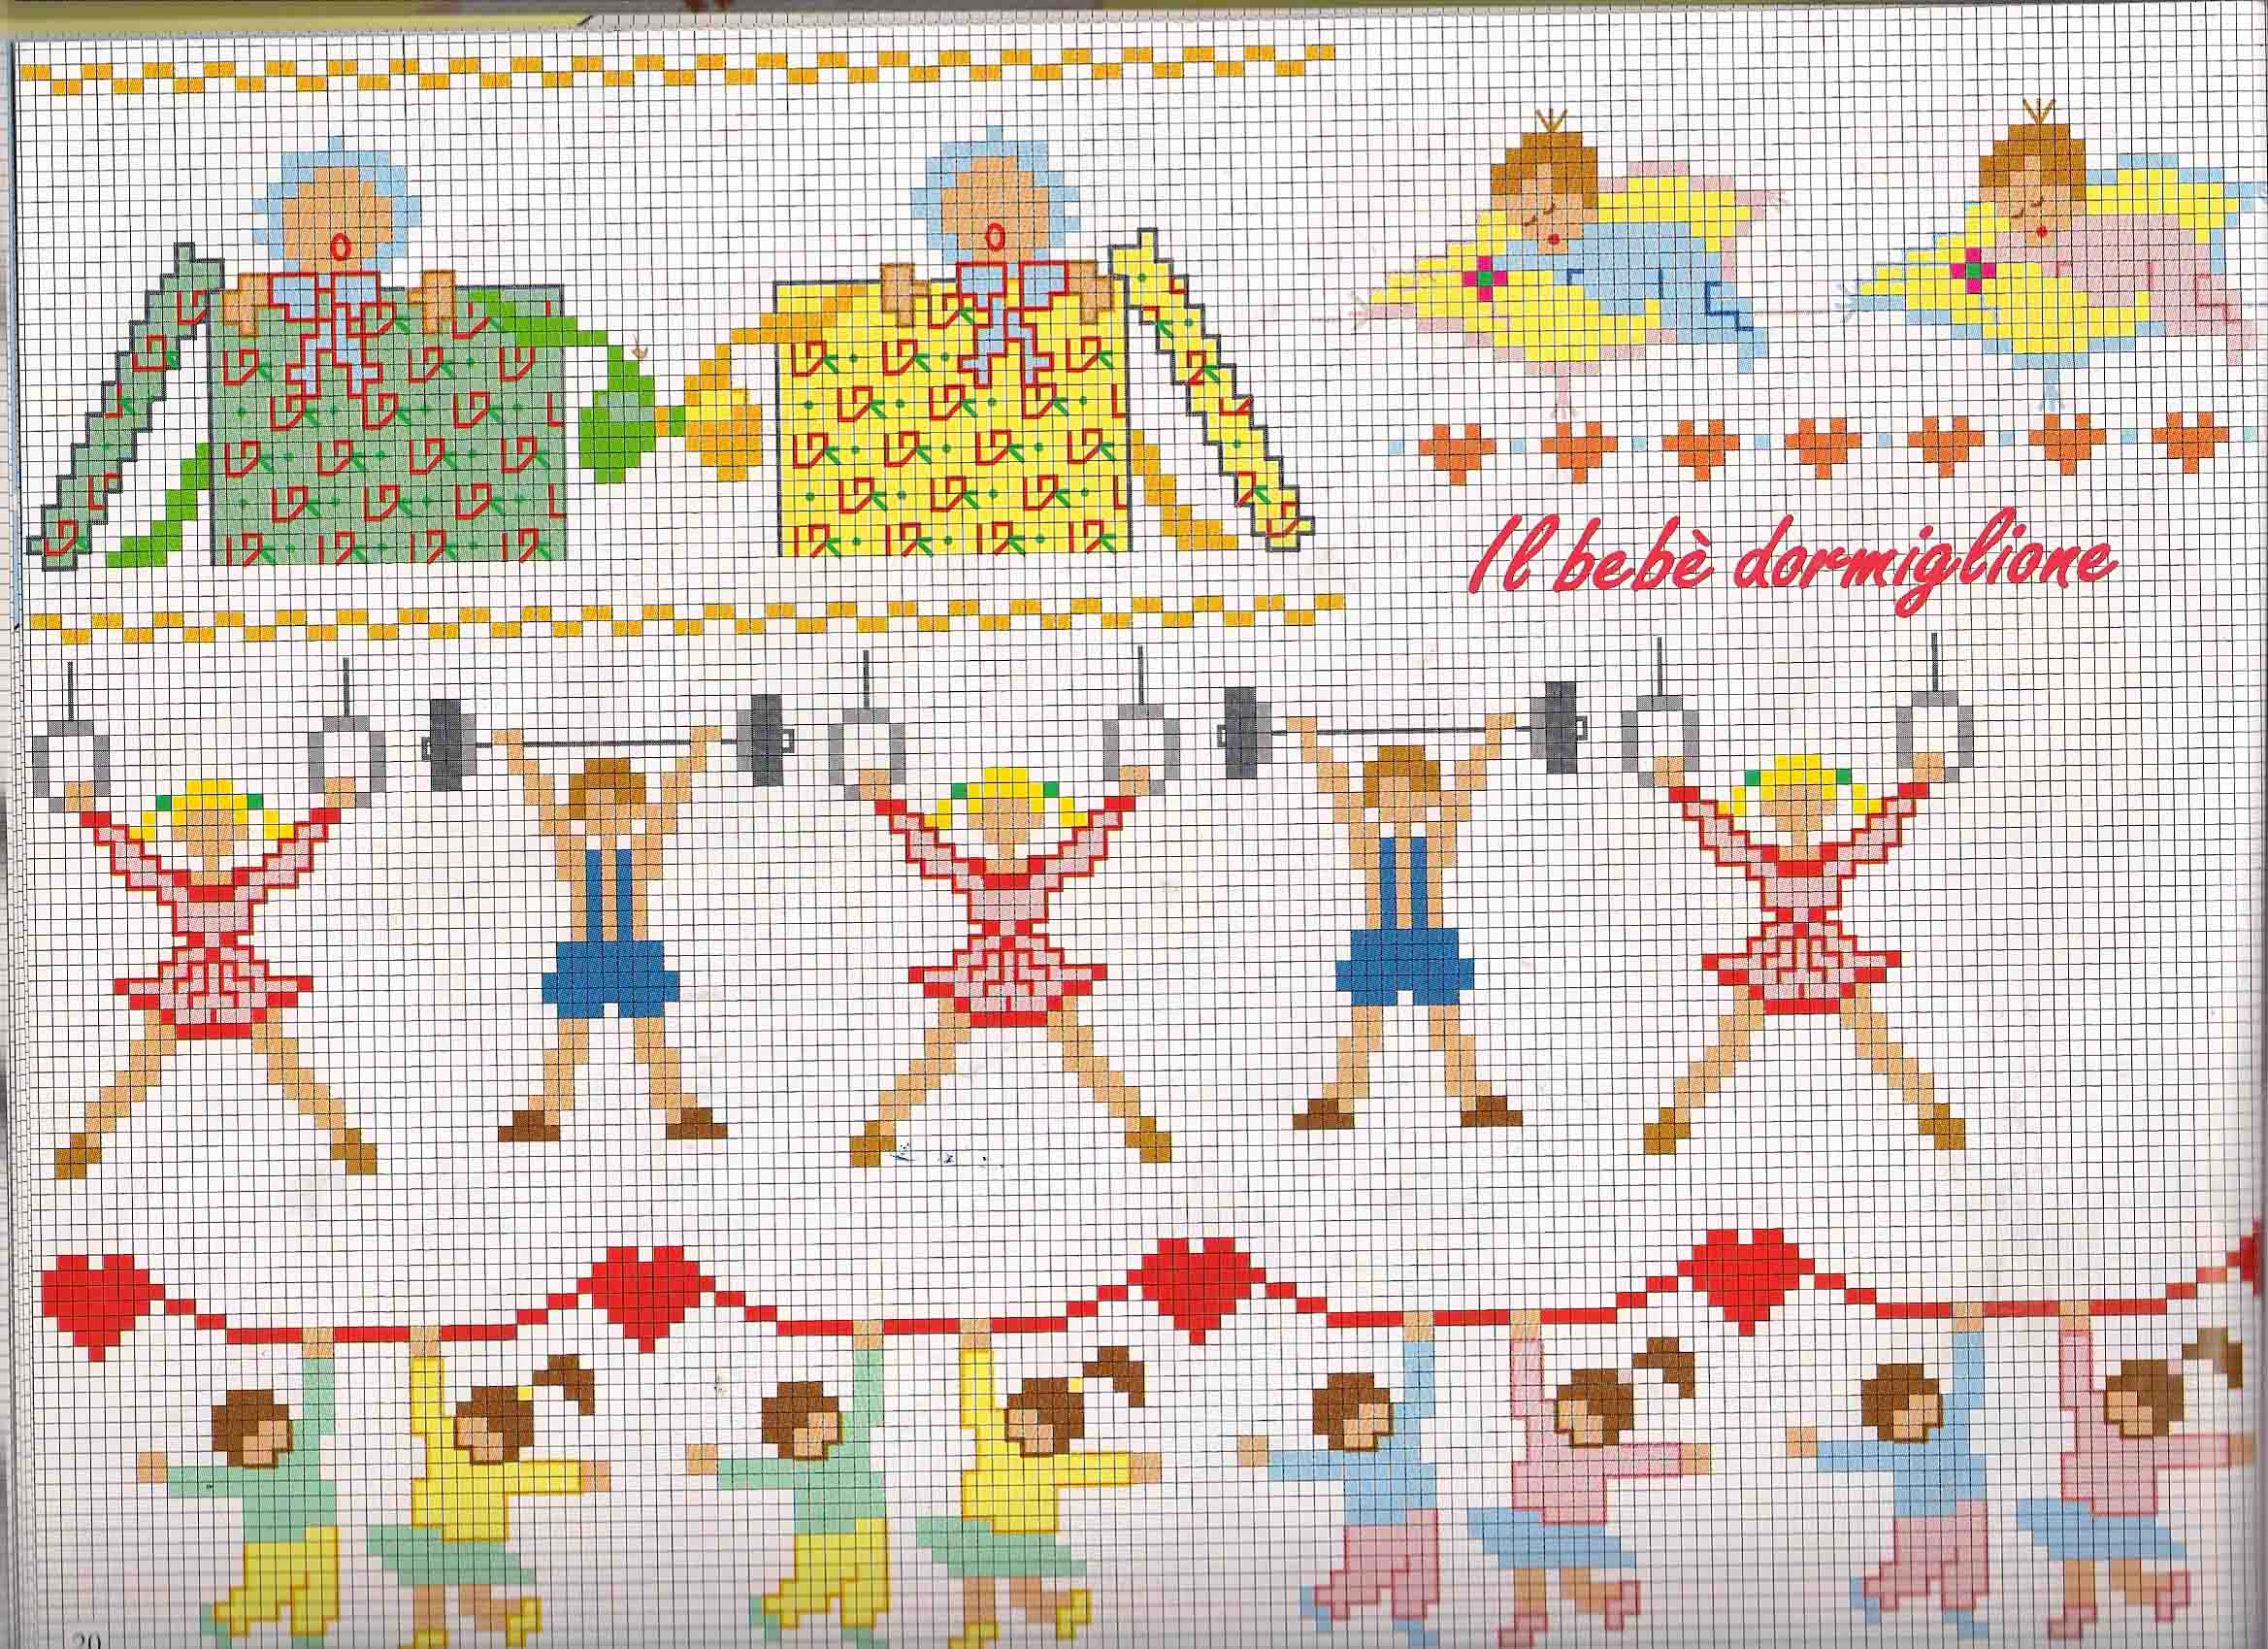 Bordi da ricamare bimbi con ballerine e atleti for Bordi punto croce